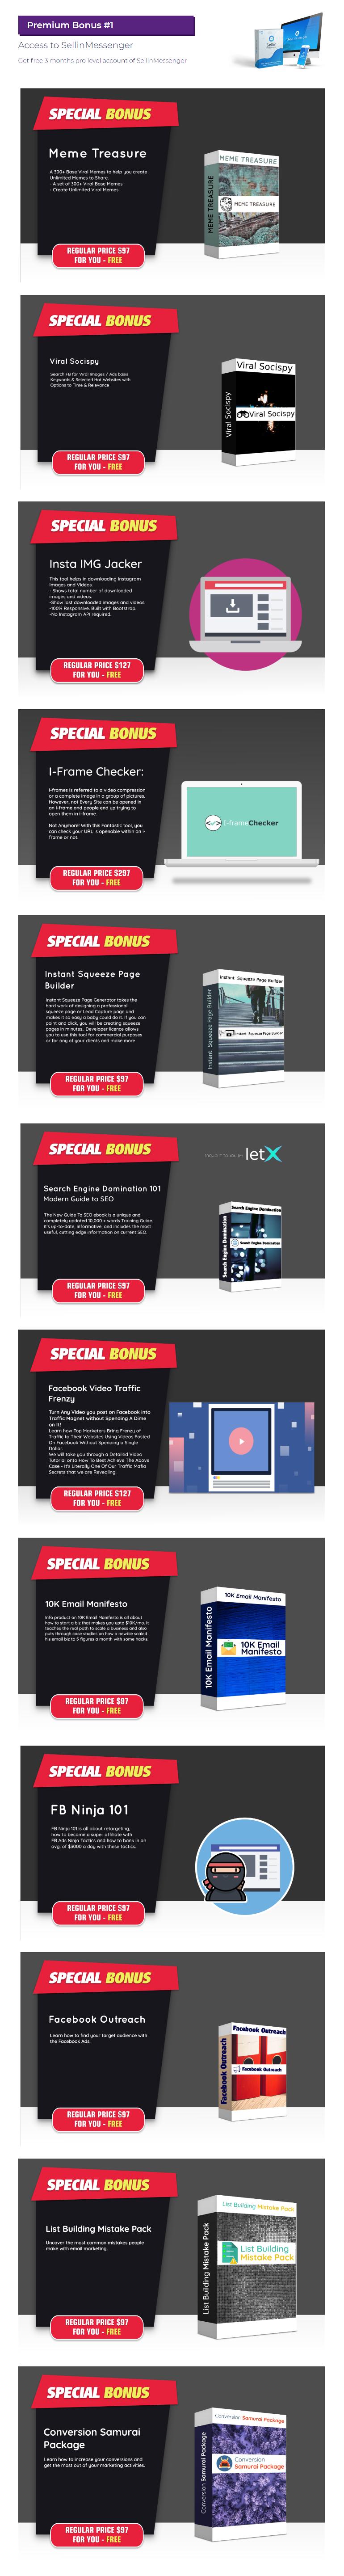 LetSetCom Bonuses